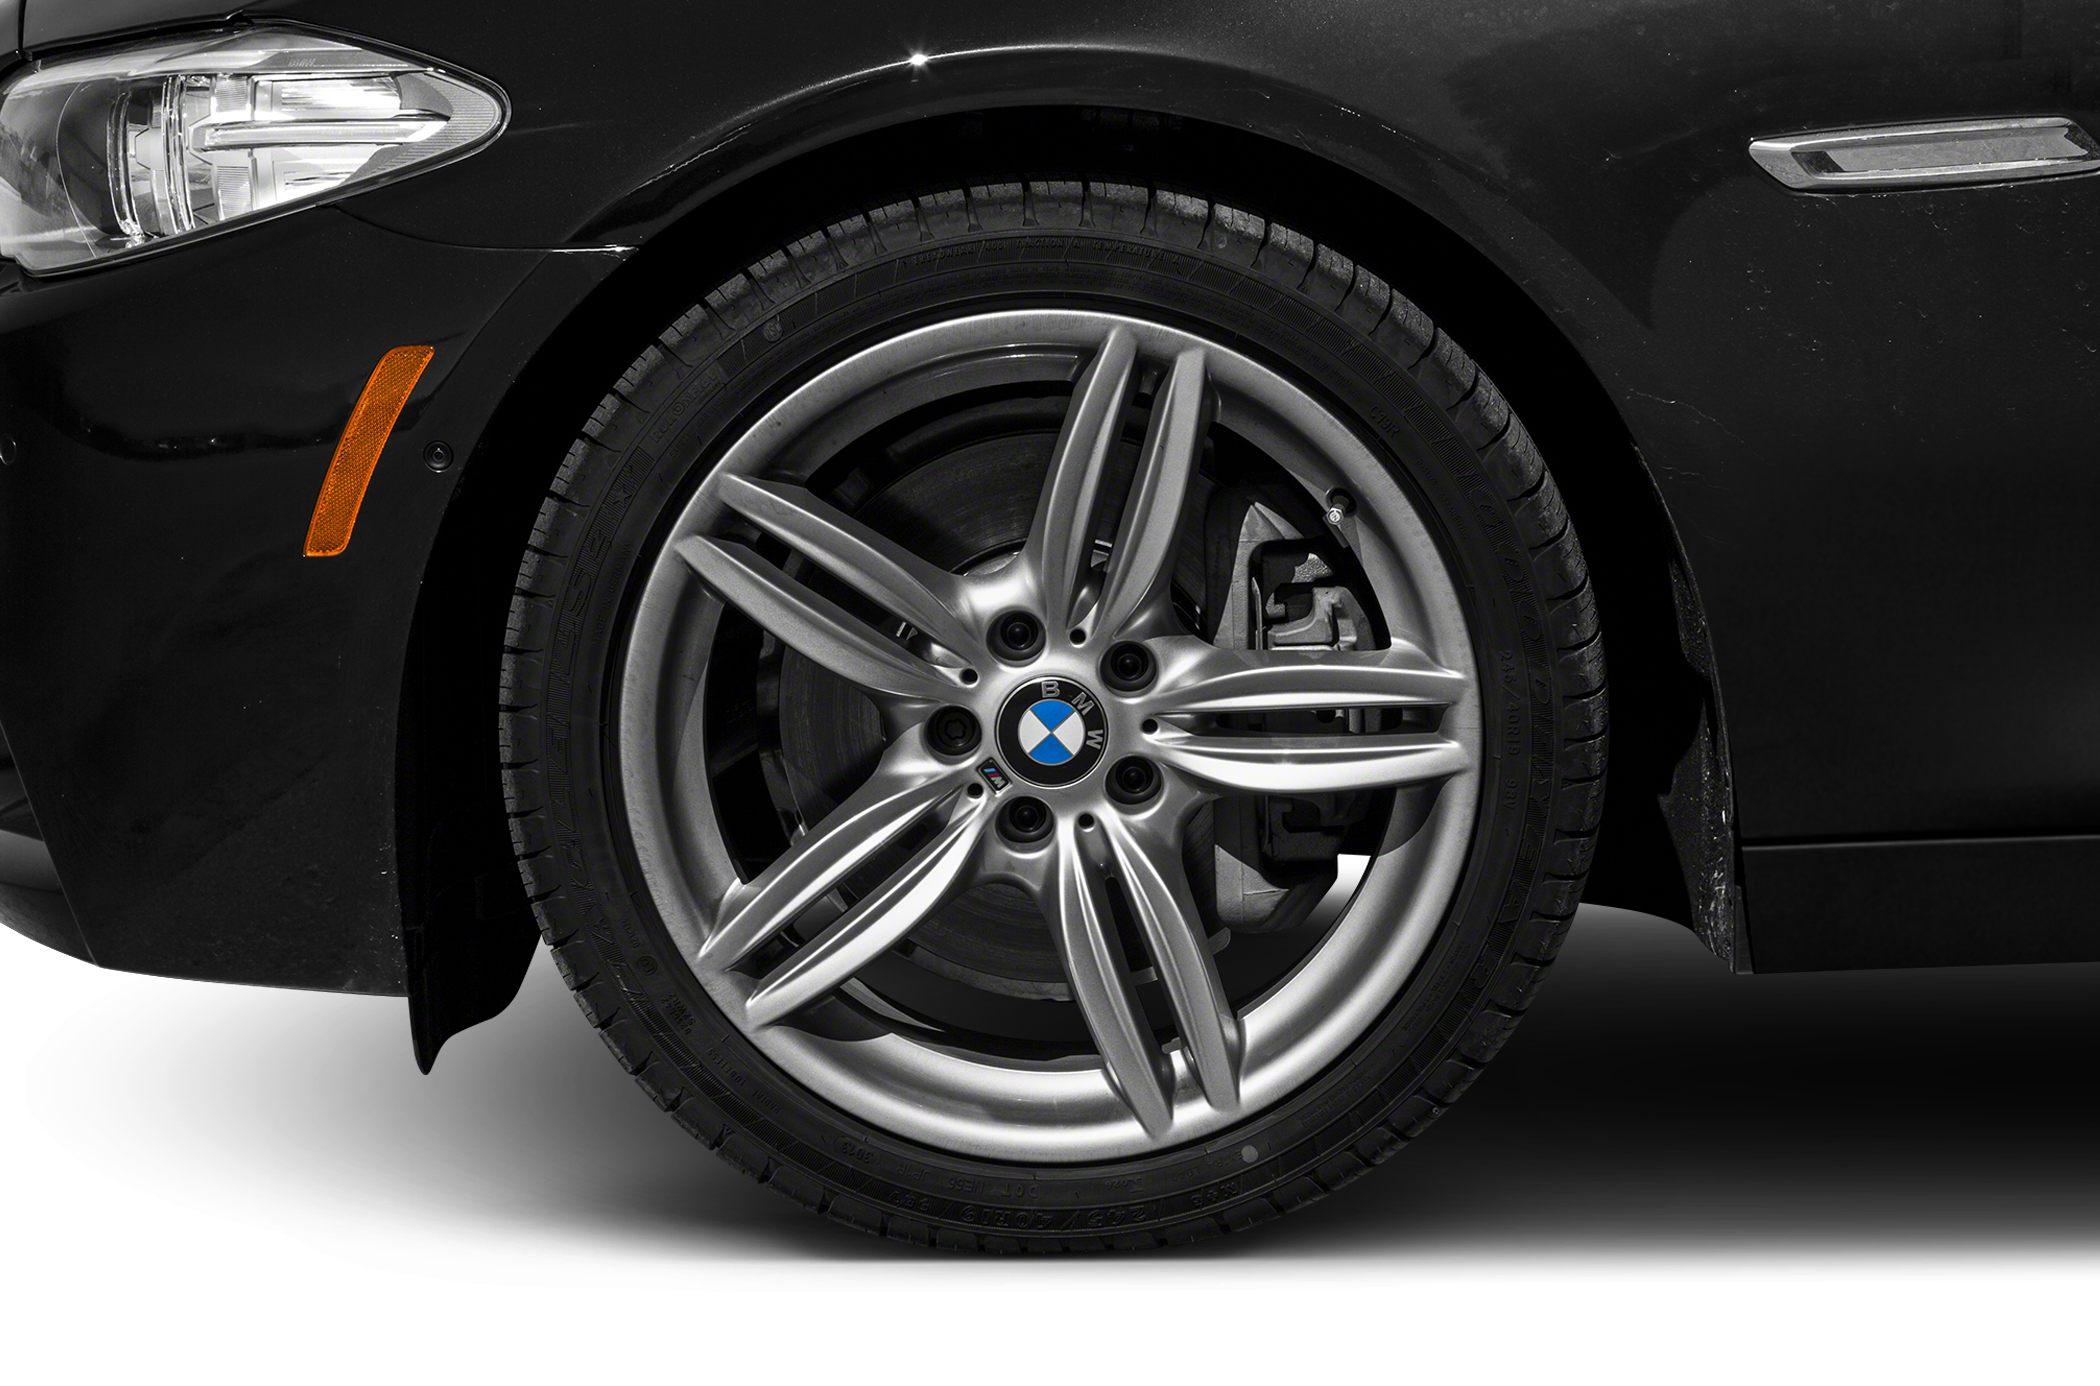 2014 bmw 535d wheel